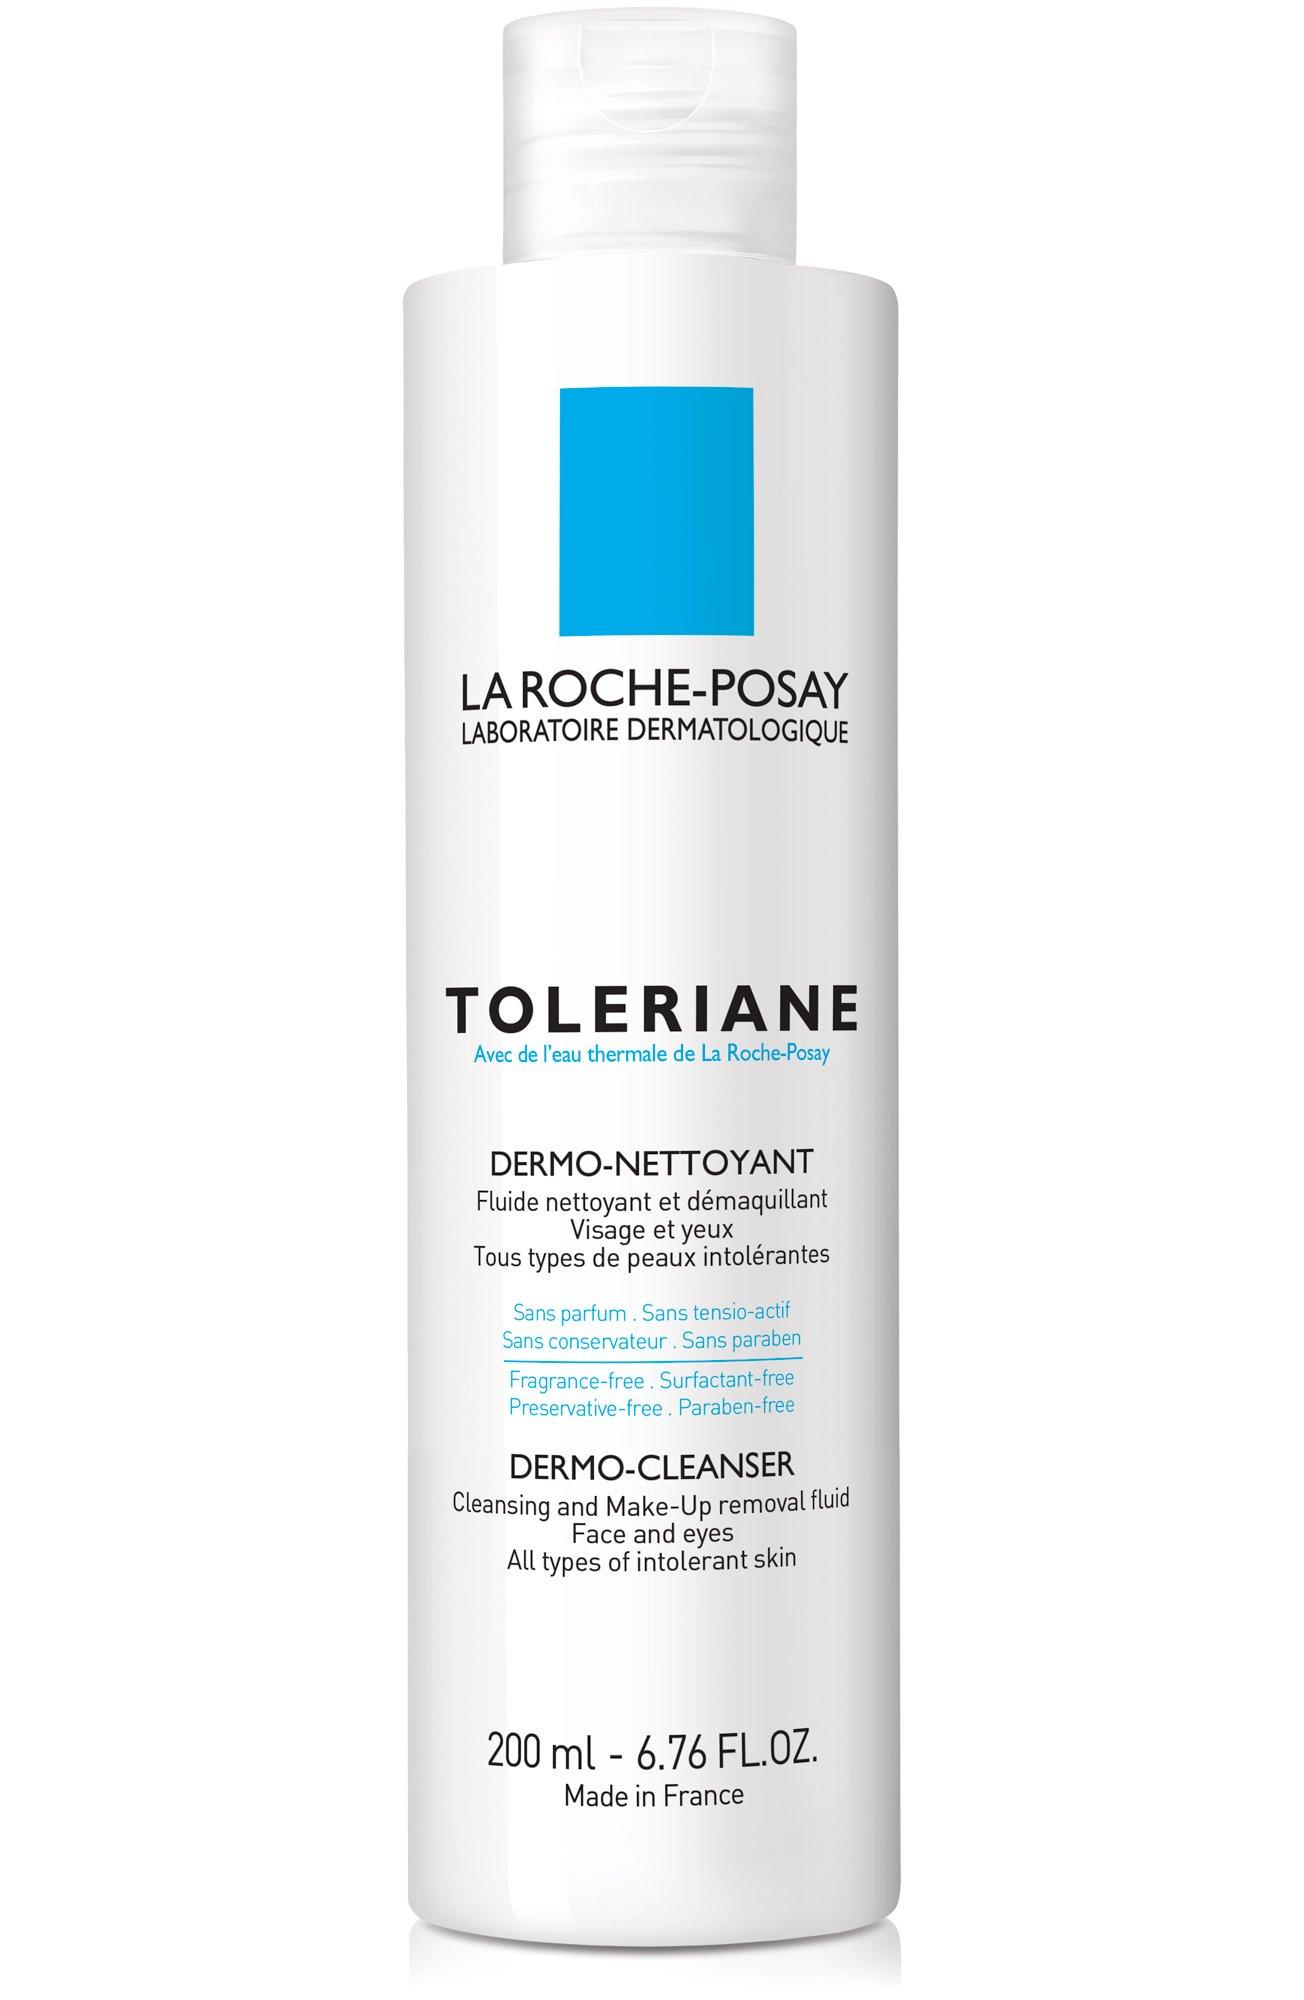 La Roche-Posay Toleriane Dermo Cleanser and Makeup Remover, 6.76 Fl. Oz.